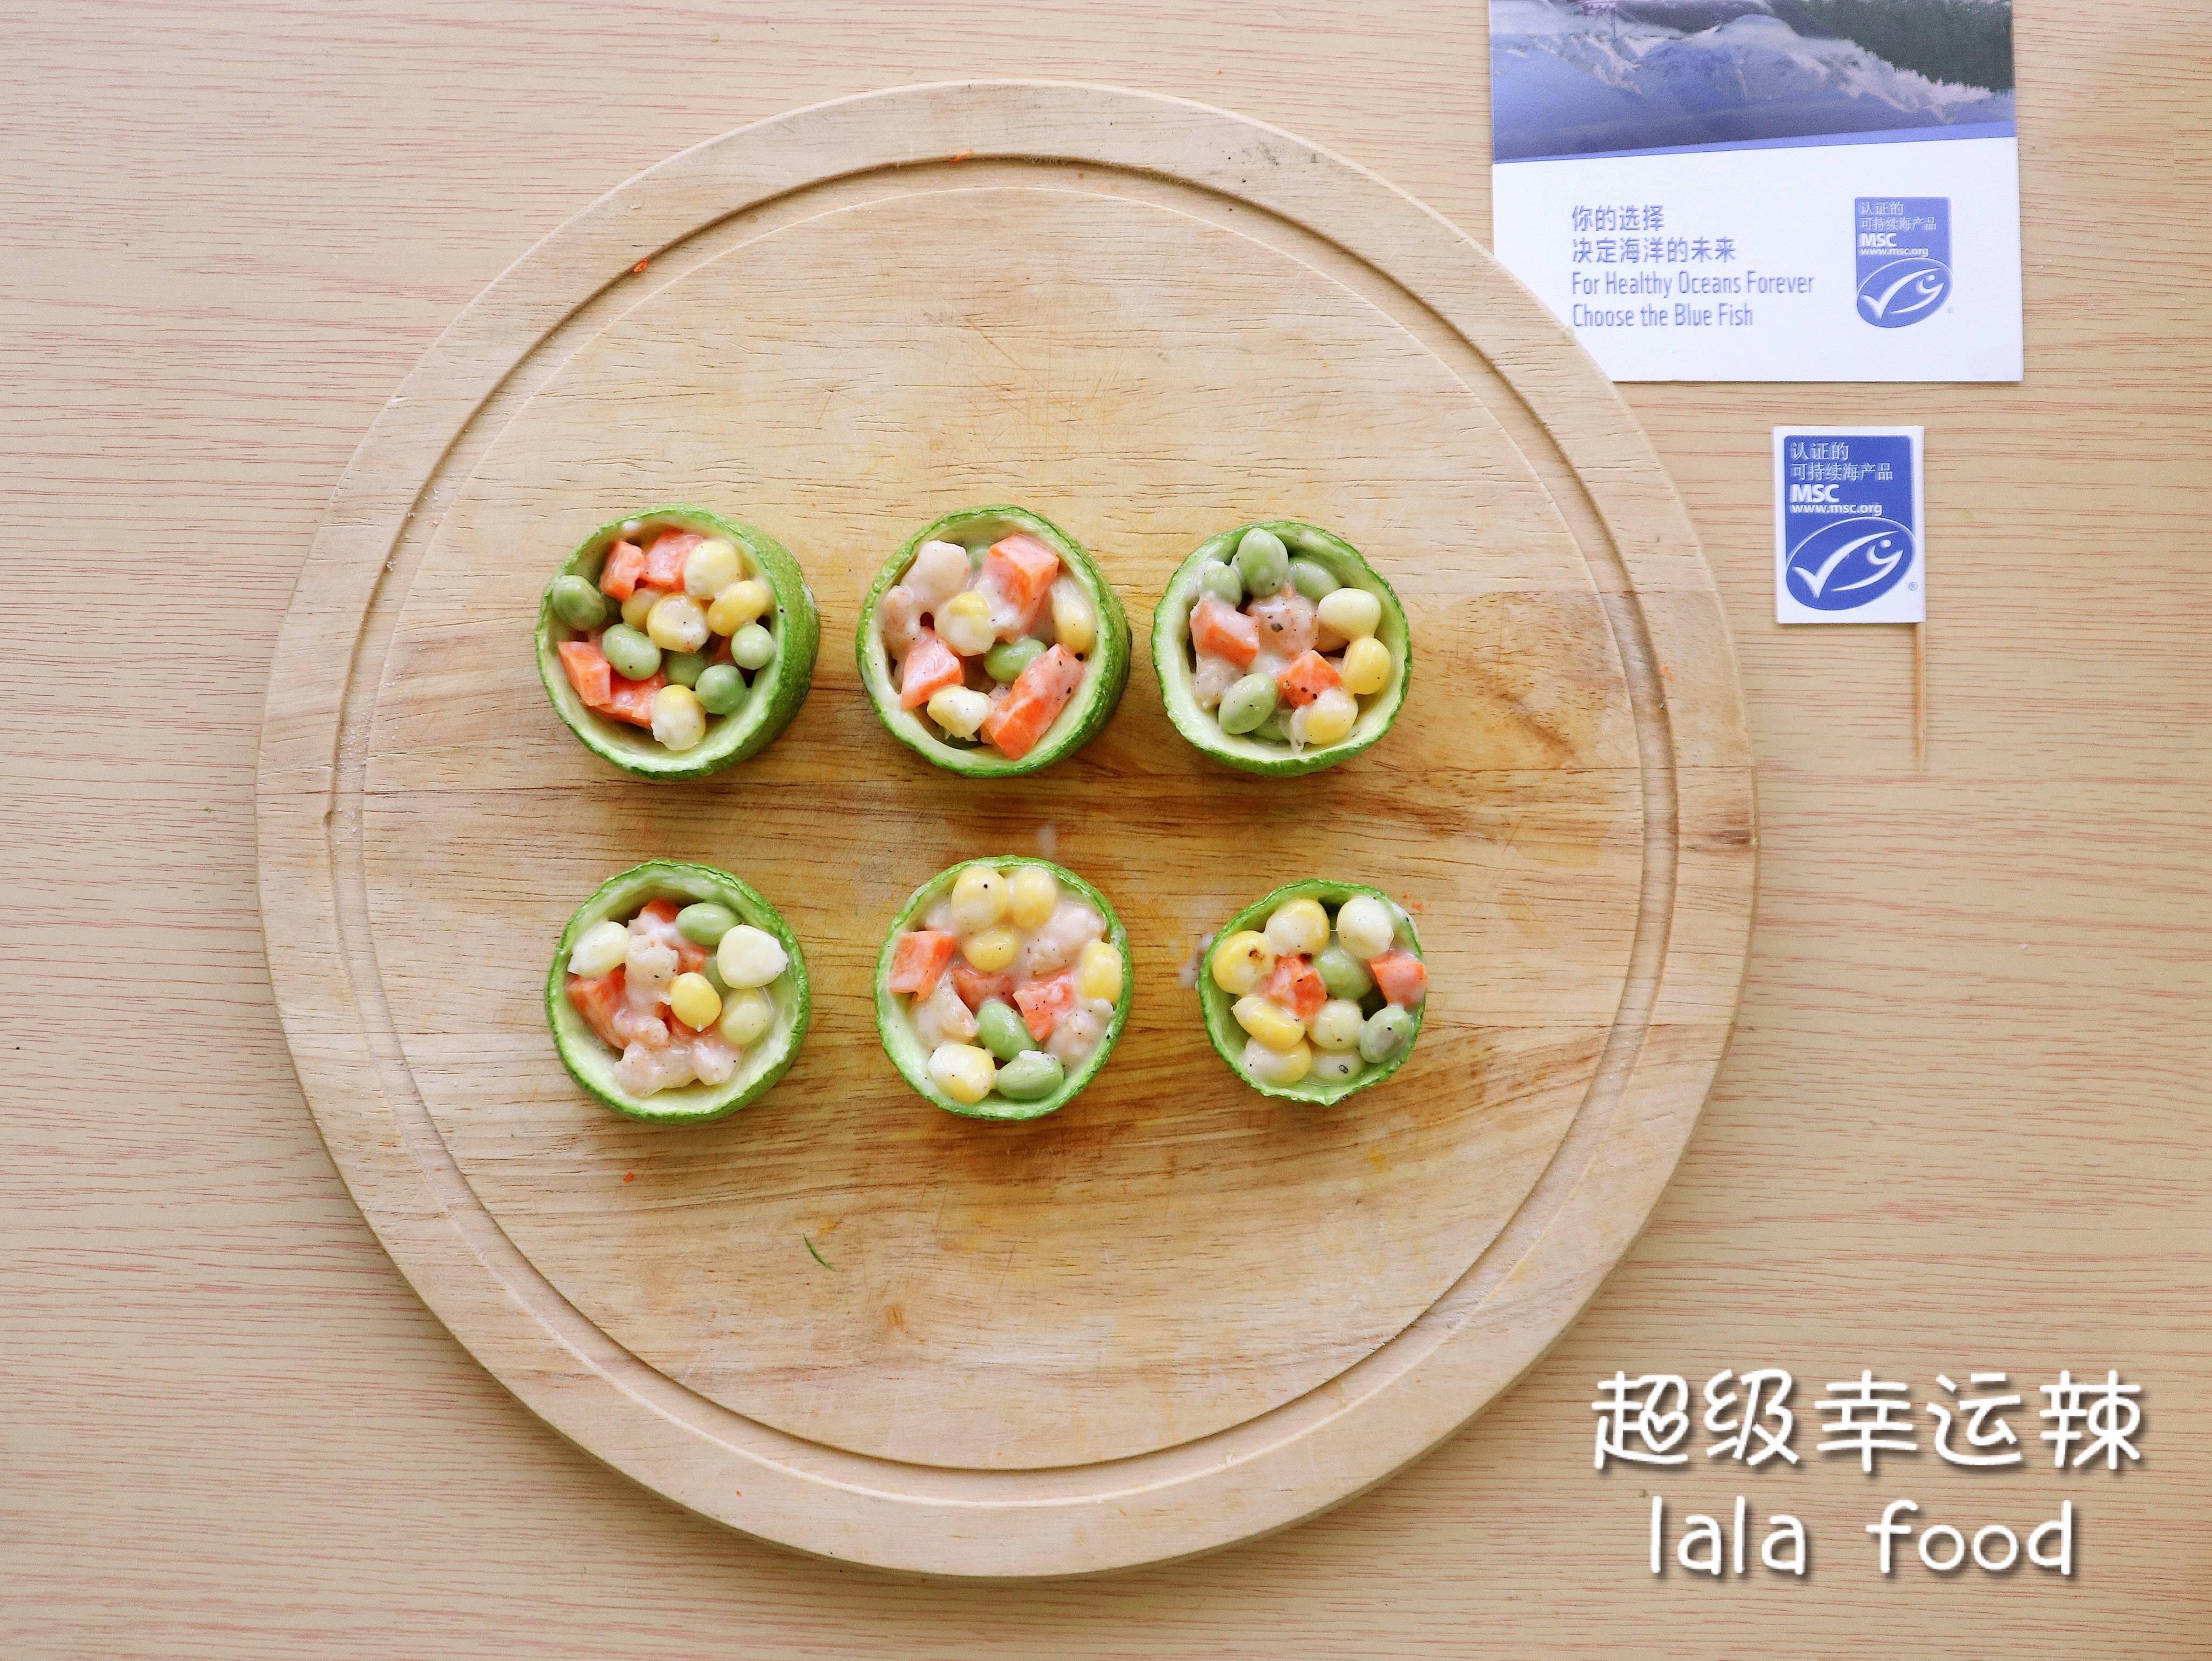 春季减肥餐🥗西葫芦低脂沙拉甜虾塔🍤的做法 步骤6